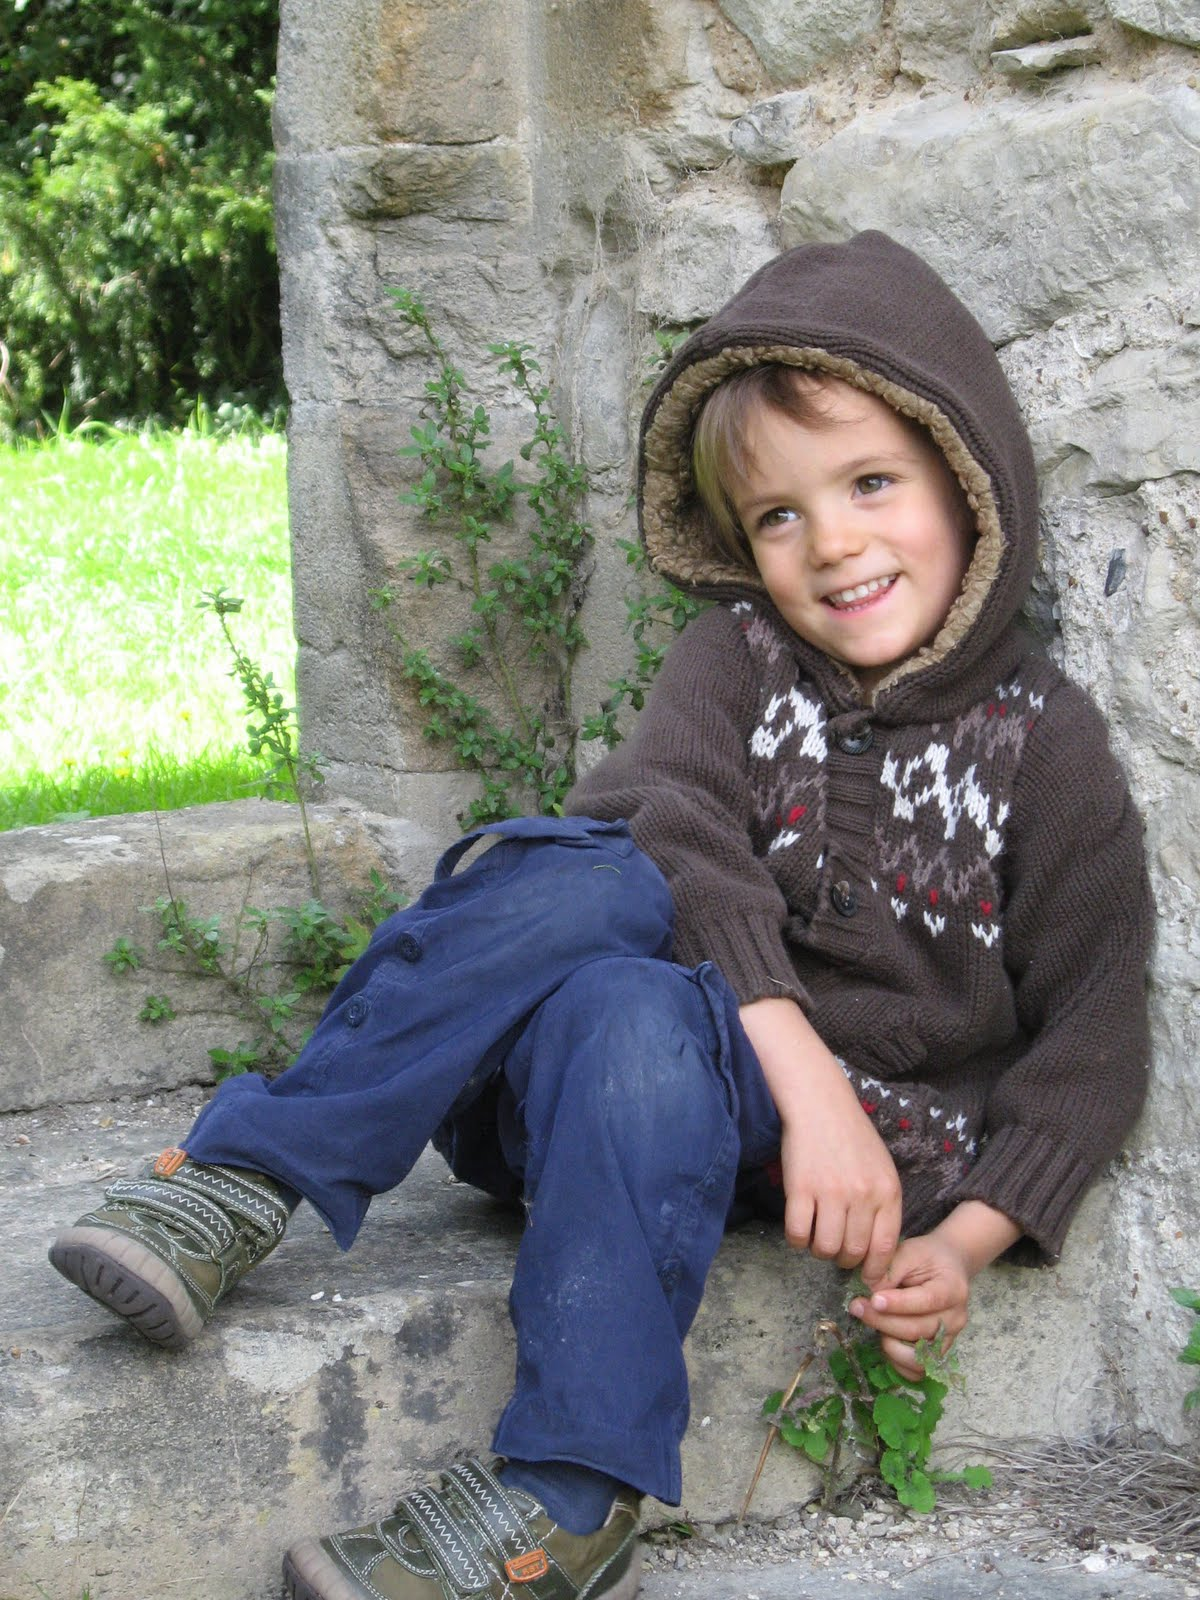 Our 3rd Son - Quinn